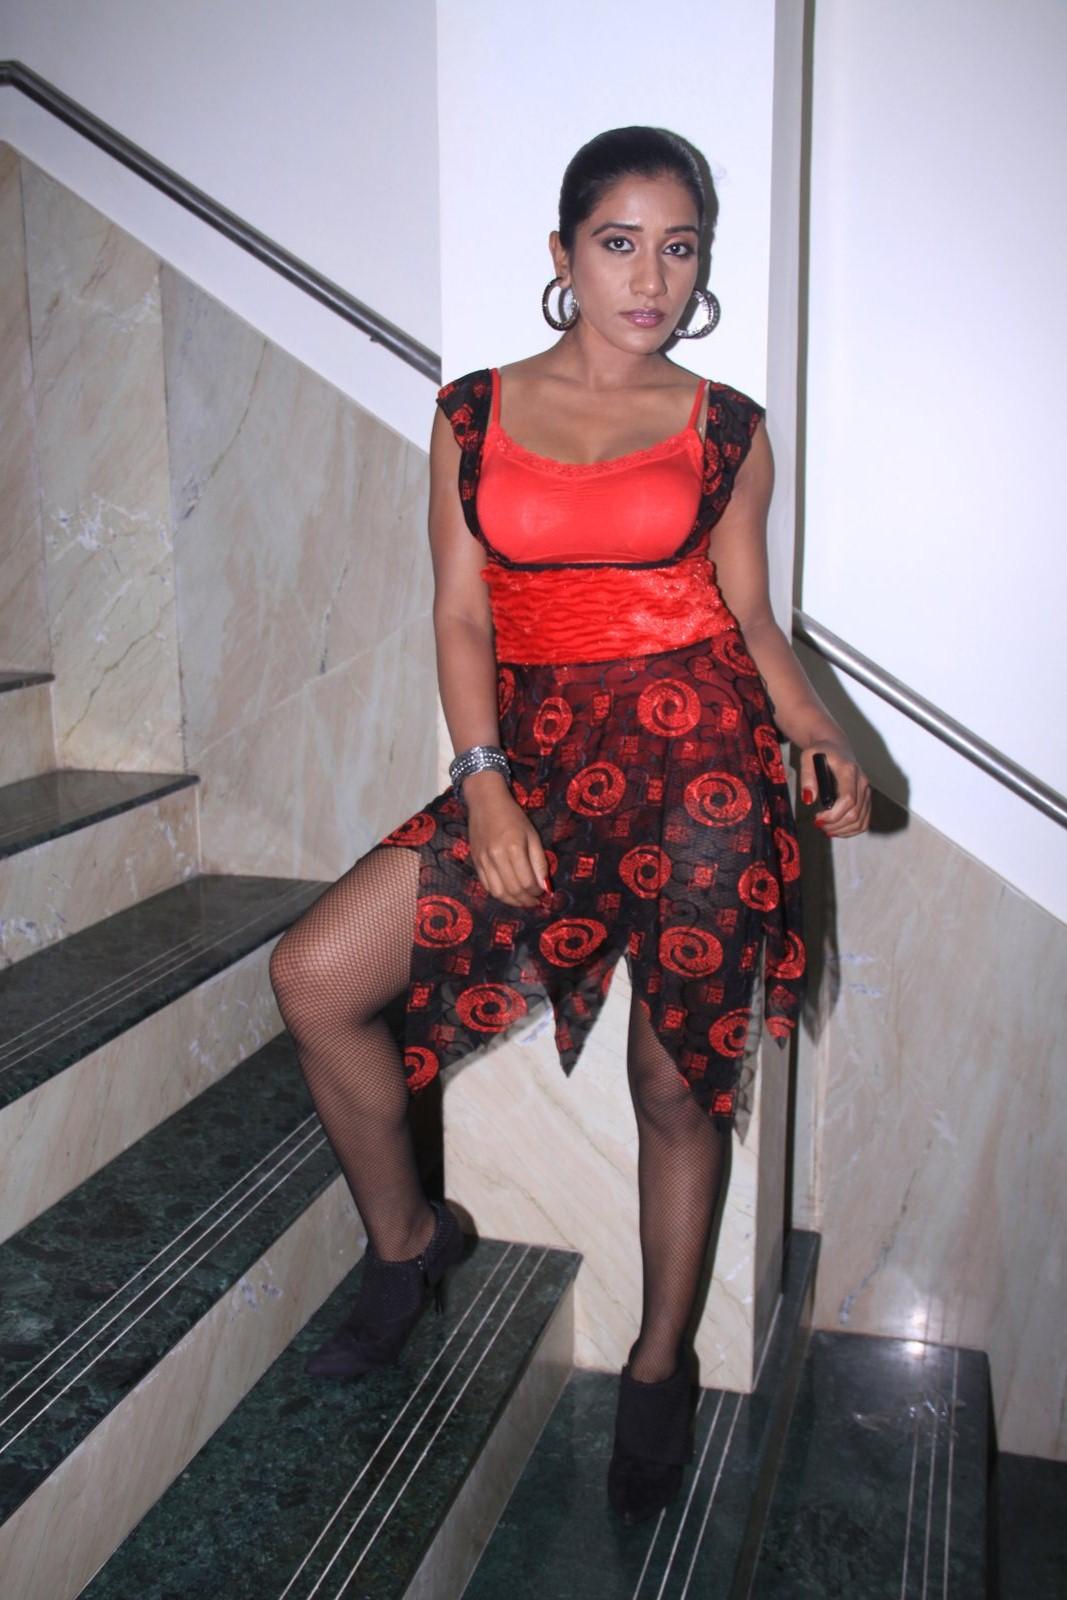 http://3.bp.blogspot.com/-uNc82GLJ17s/T8_PcK51FaI/AAAAAAAAIZA/MgT_A2VeFyc/s1600/IMG_4723-720167.JPG